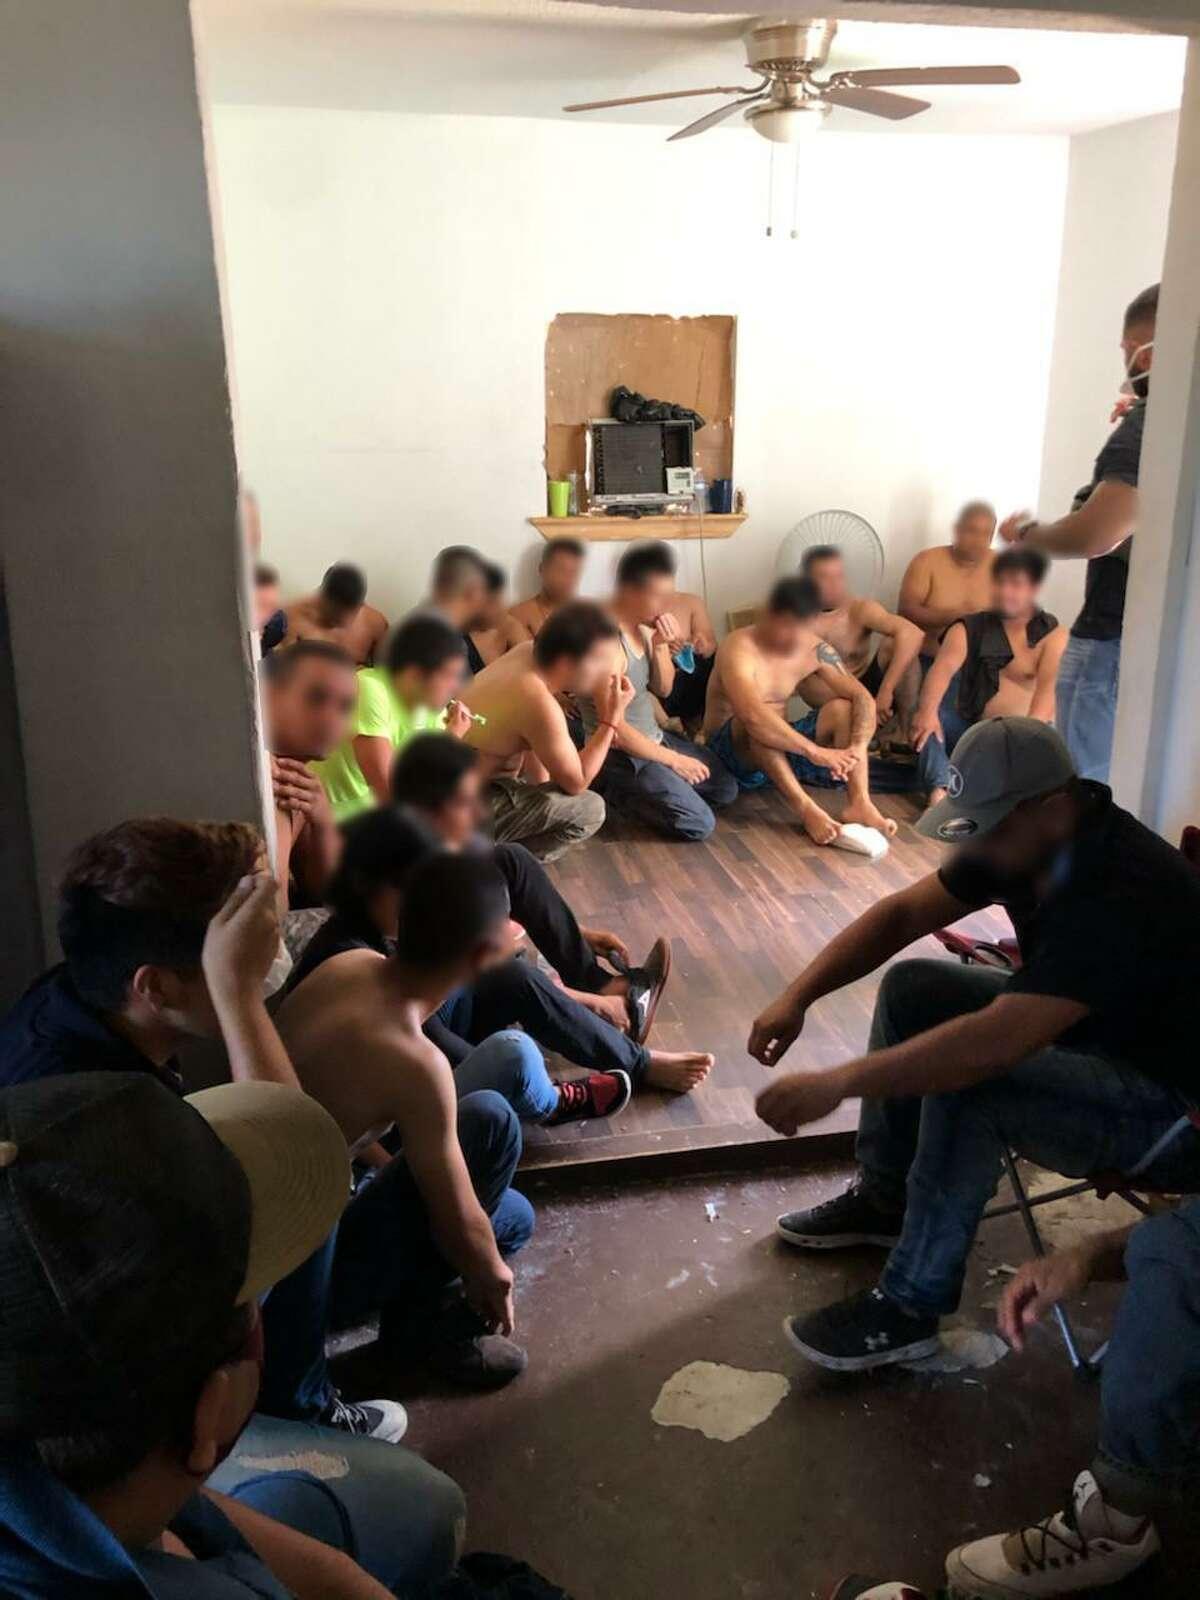 En lo que va del año la Patrulla Fronteriza en conjunto con otras agencias de las fuerzas del orden han irrumpido en 73 casas de seguridad con más de 900 inmigrantes.